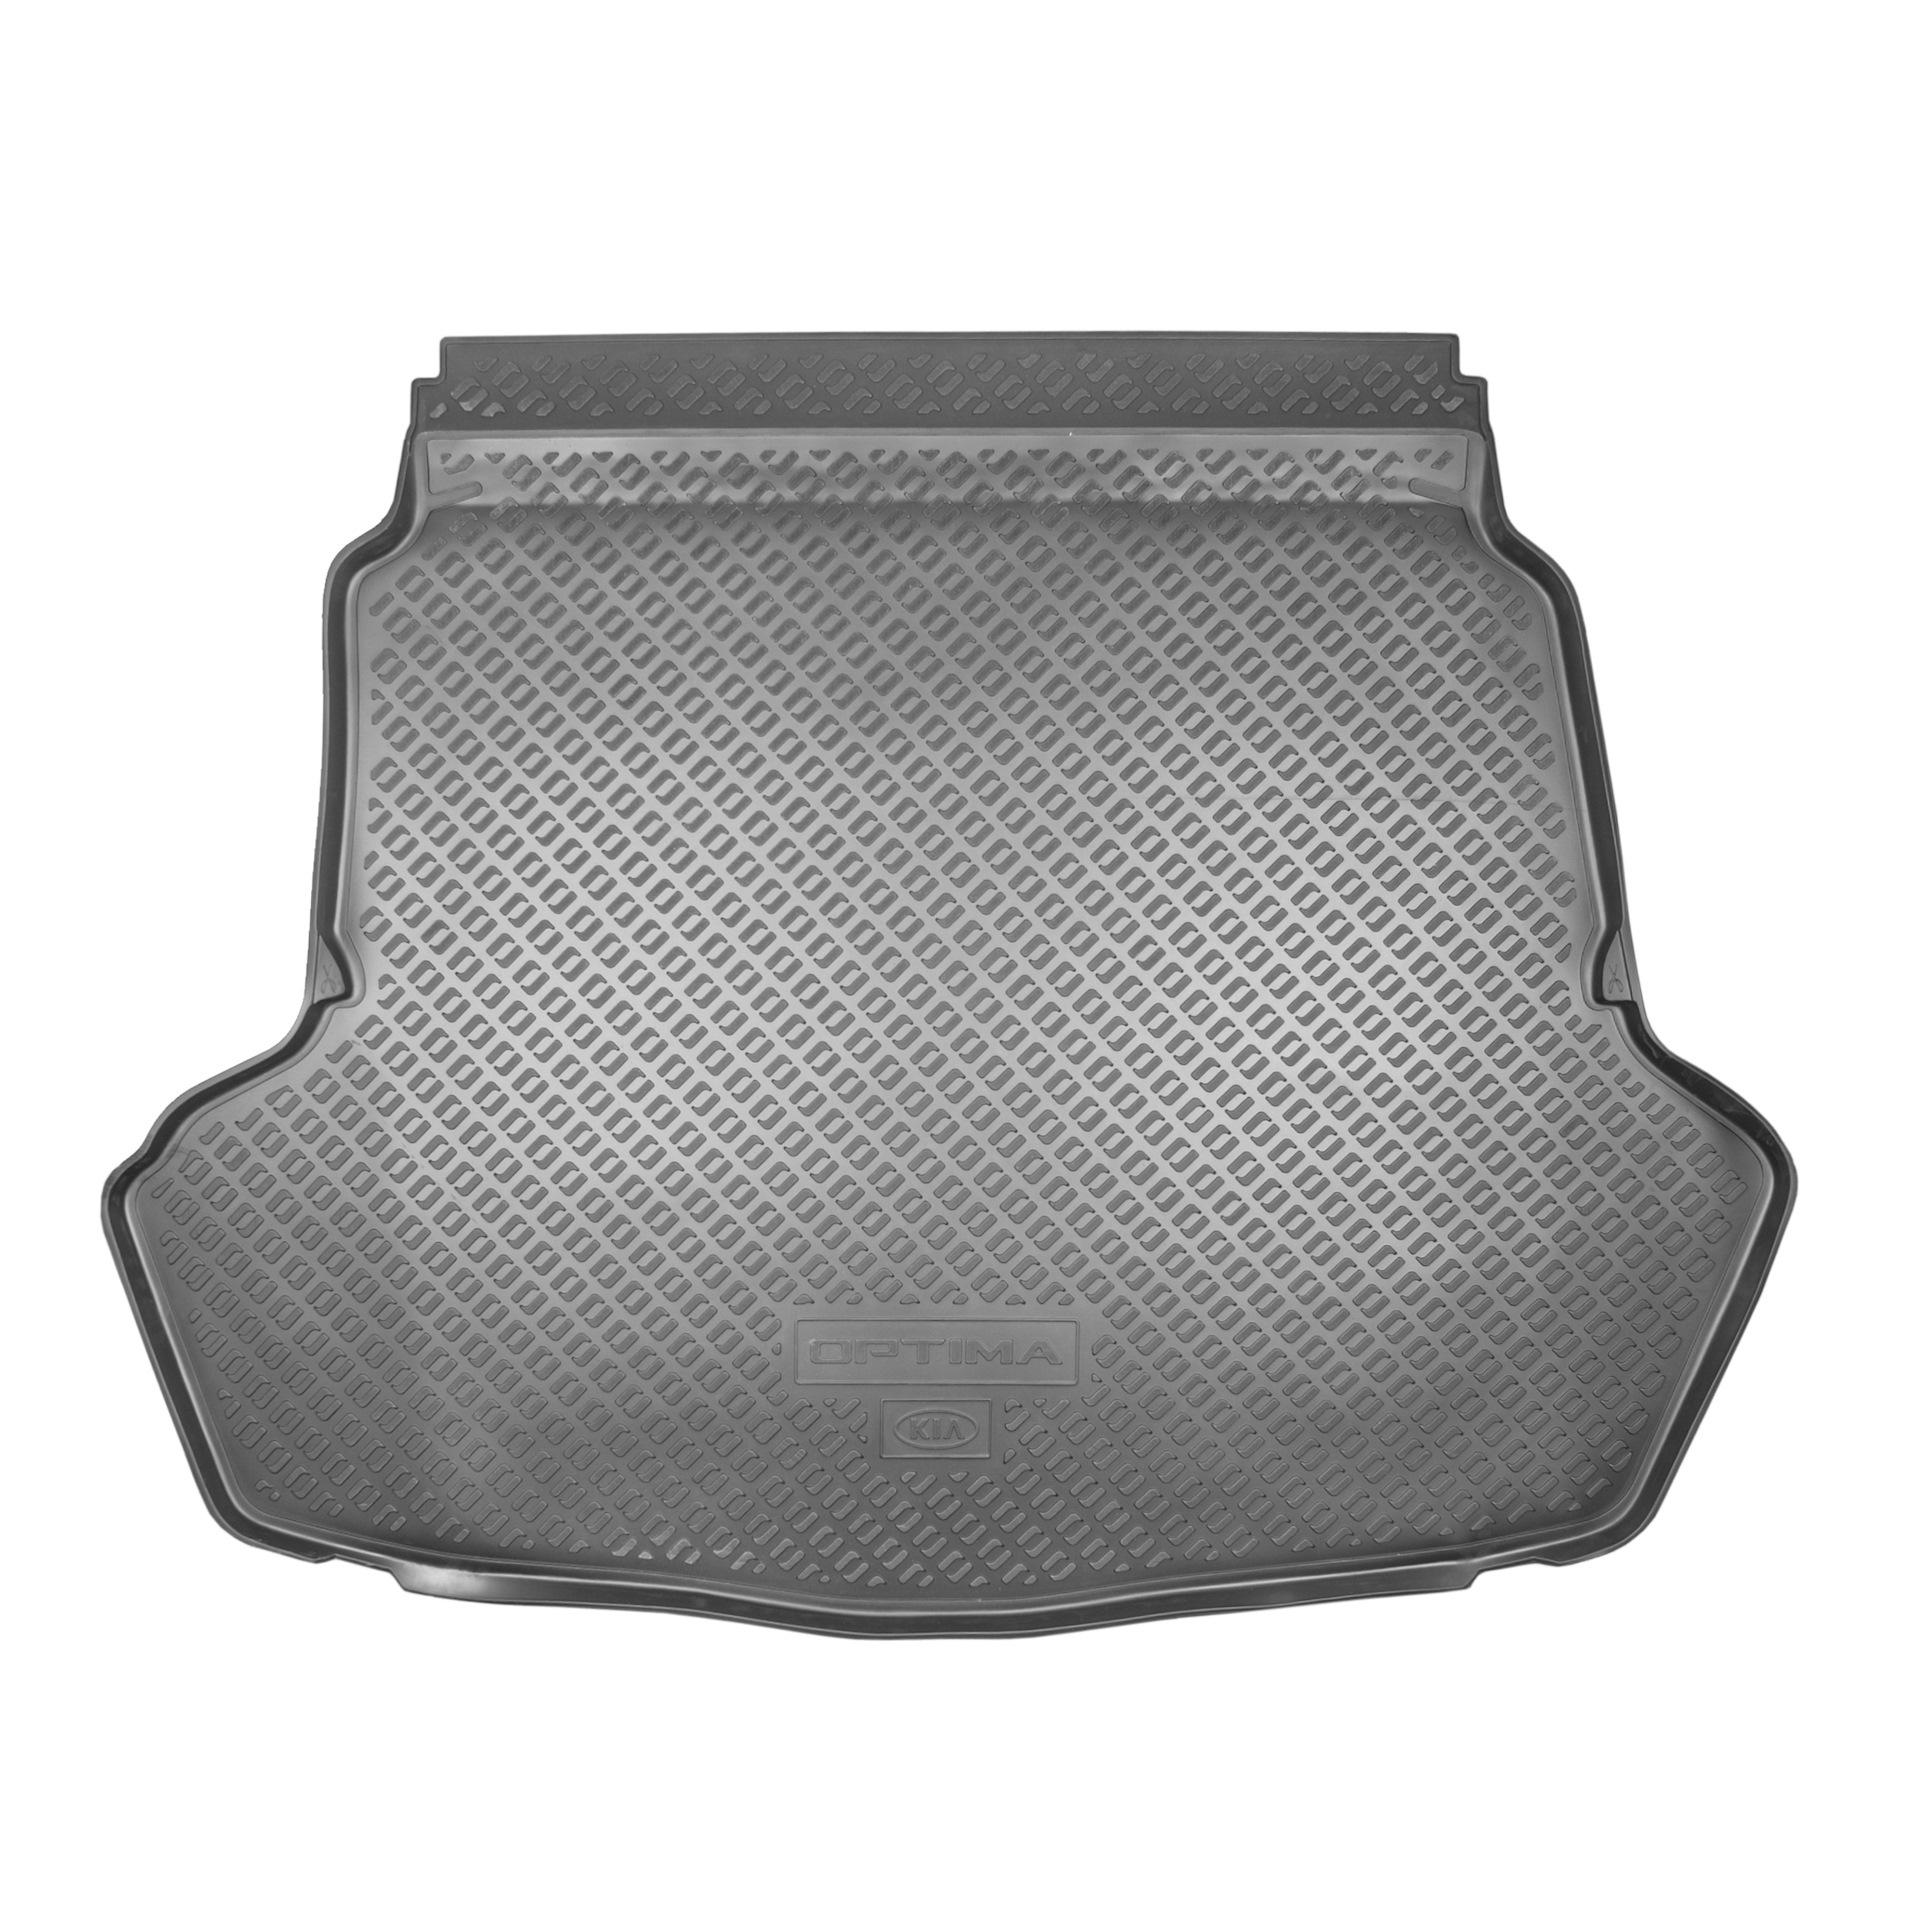 Коврик багажника Hyundai/Kia черный R8570D4001 Kia Optima (4G) 2015-, рест. 2018- штатный колесный диск 19 дюймов mobis 52910d4710 для kia optima 2018